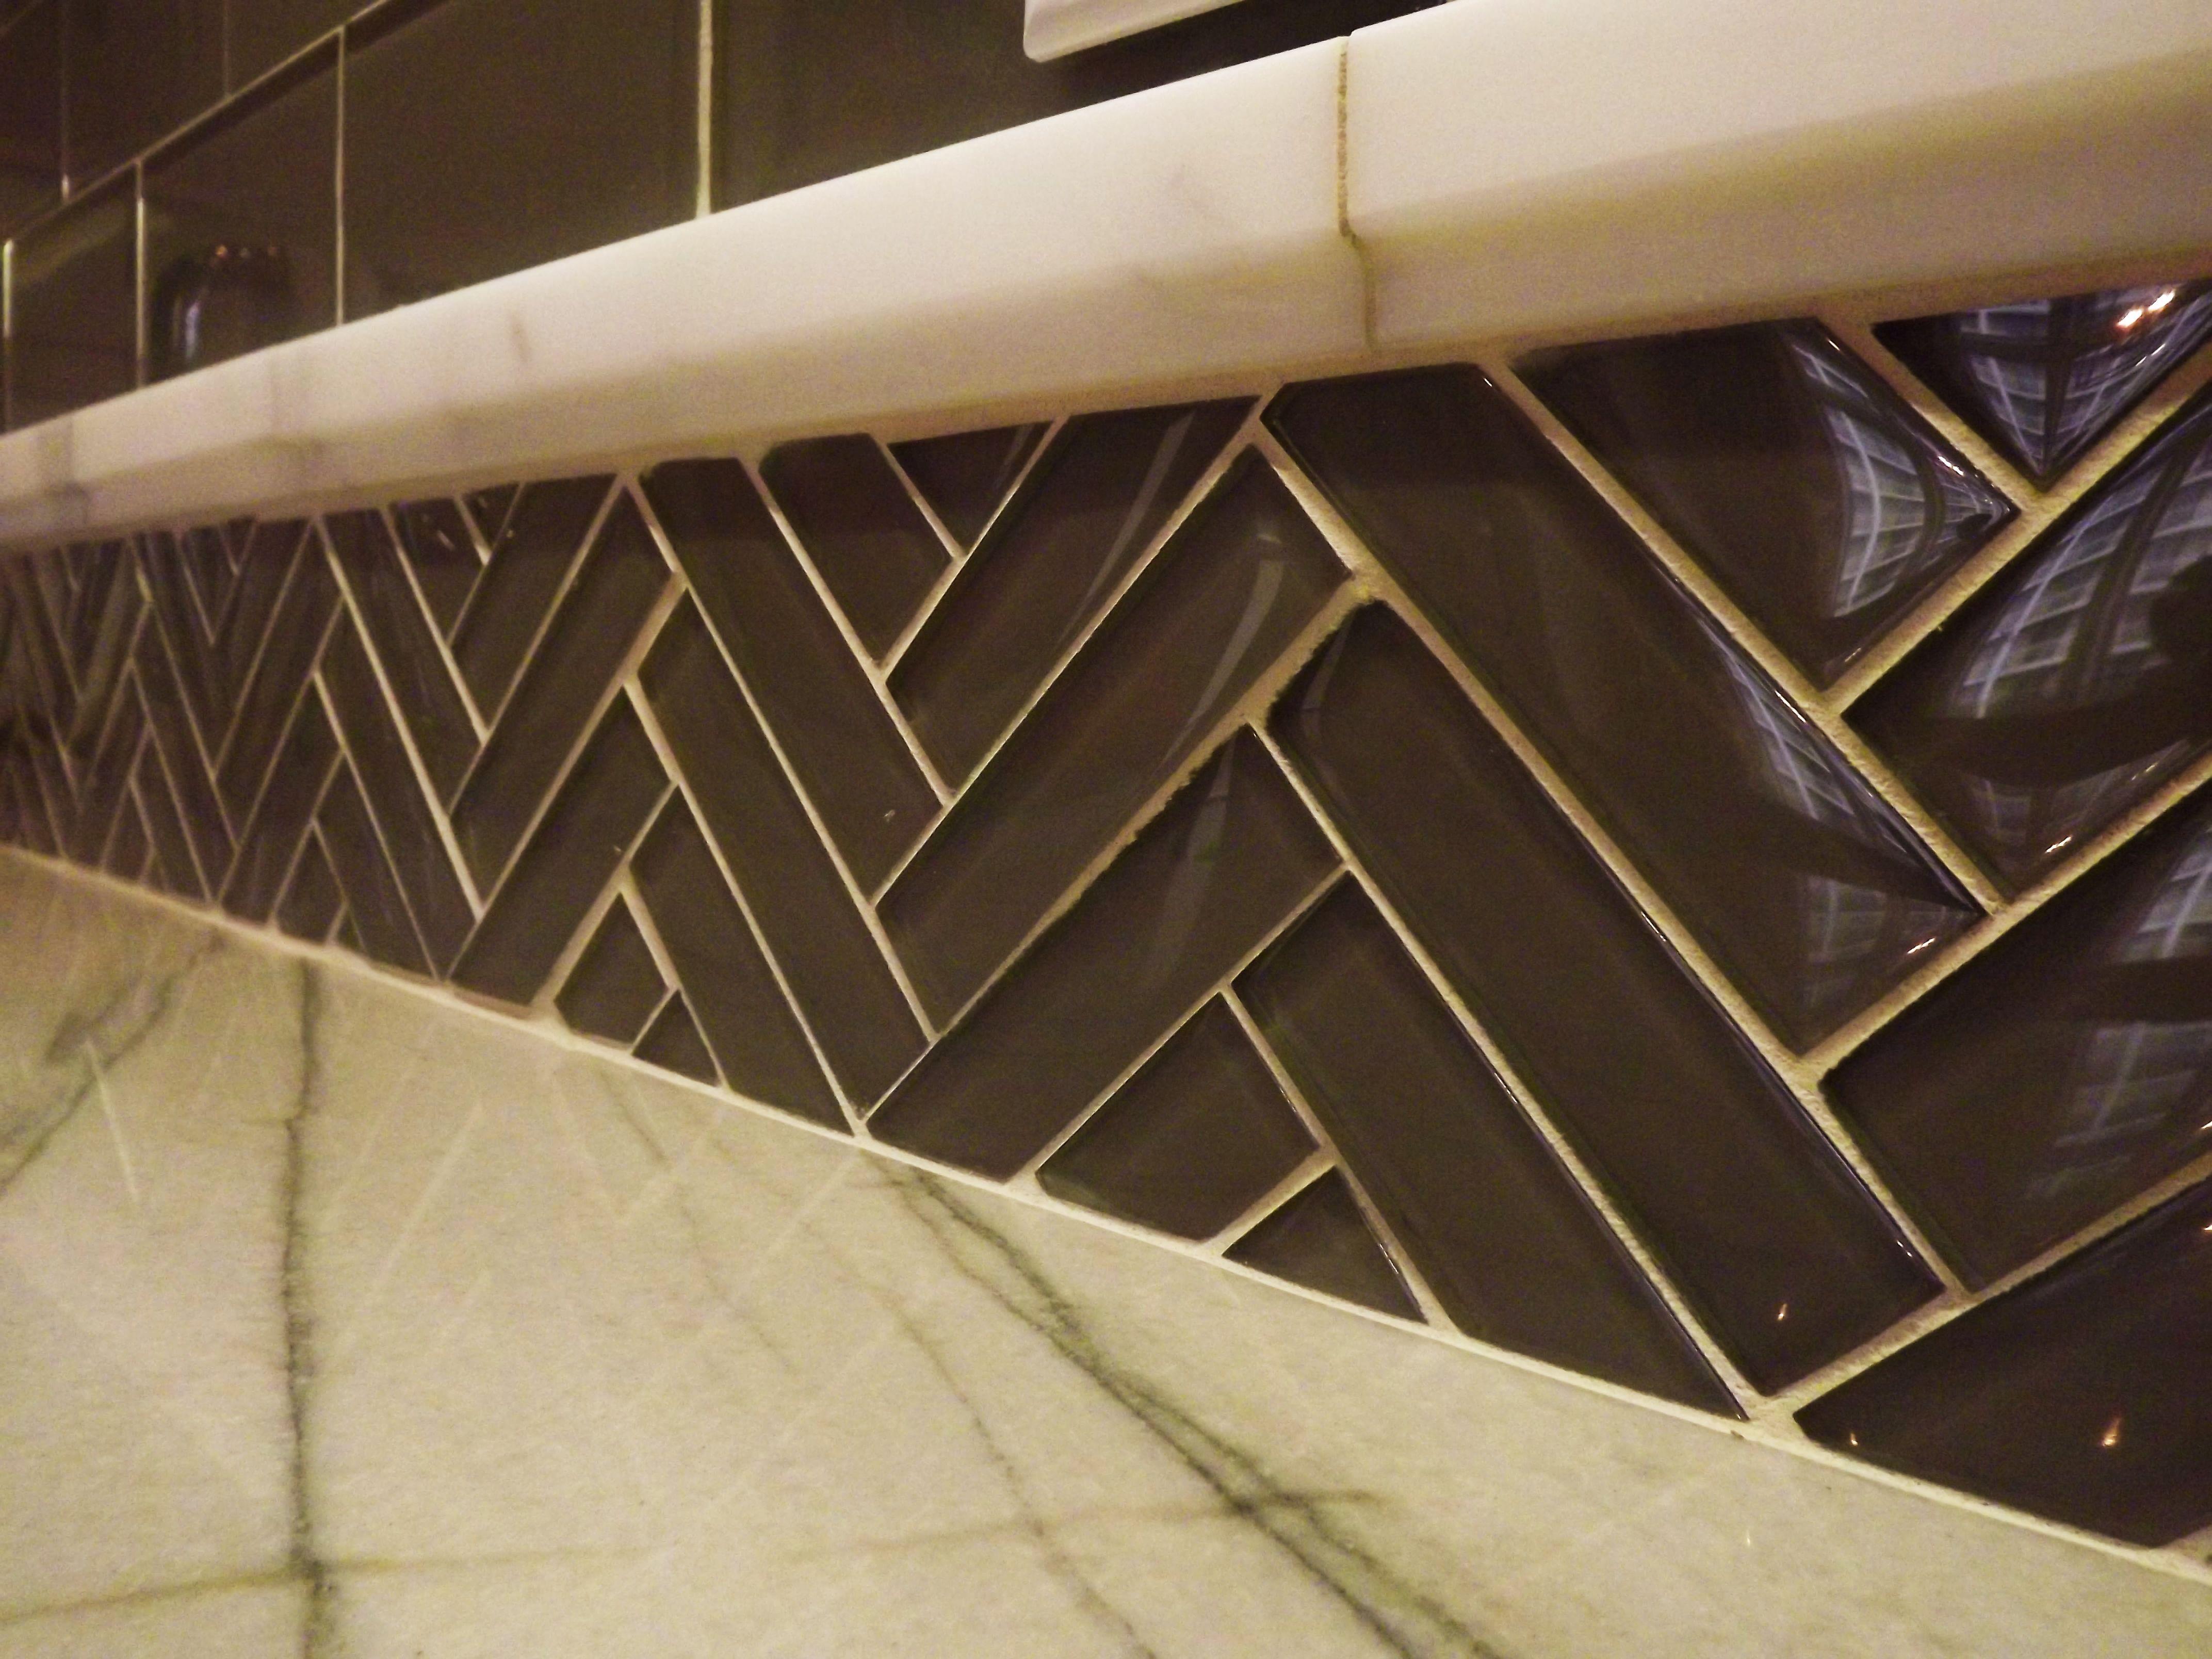 Plaza-condo-remodel-kitchen-tile-granite-marble-backsplash